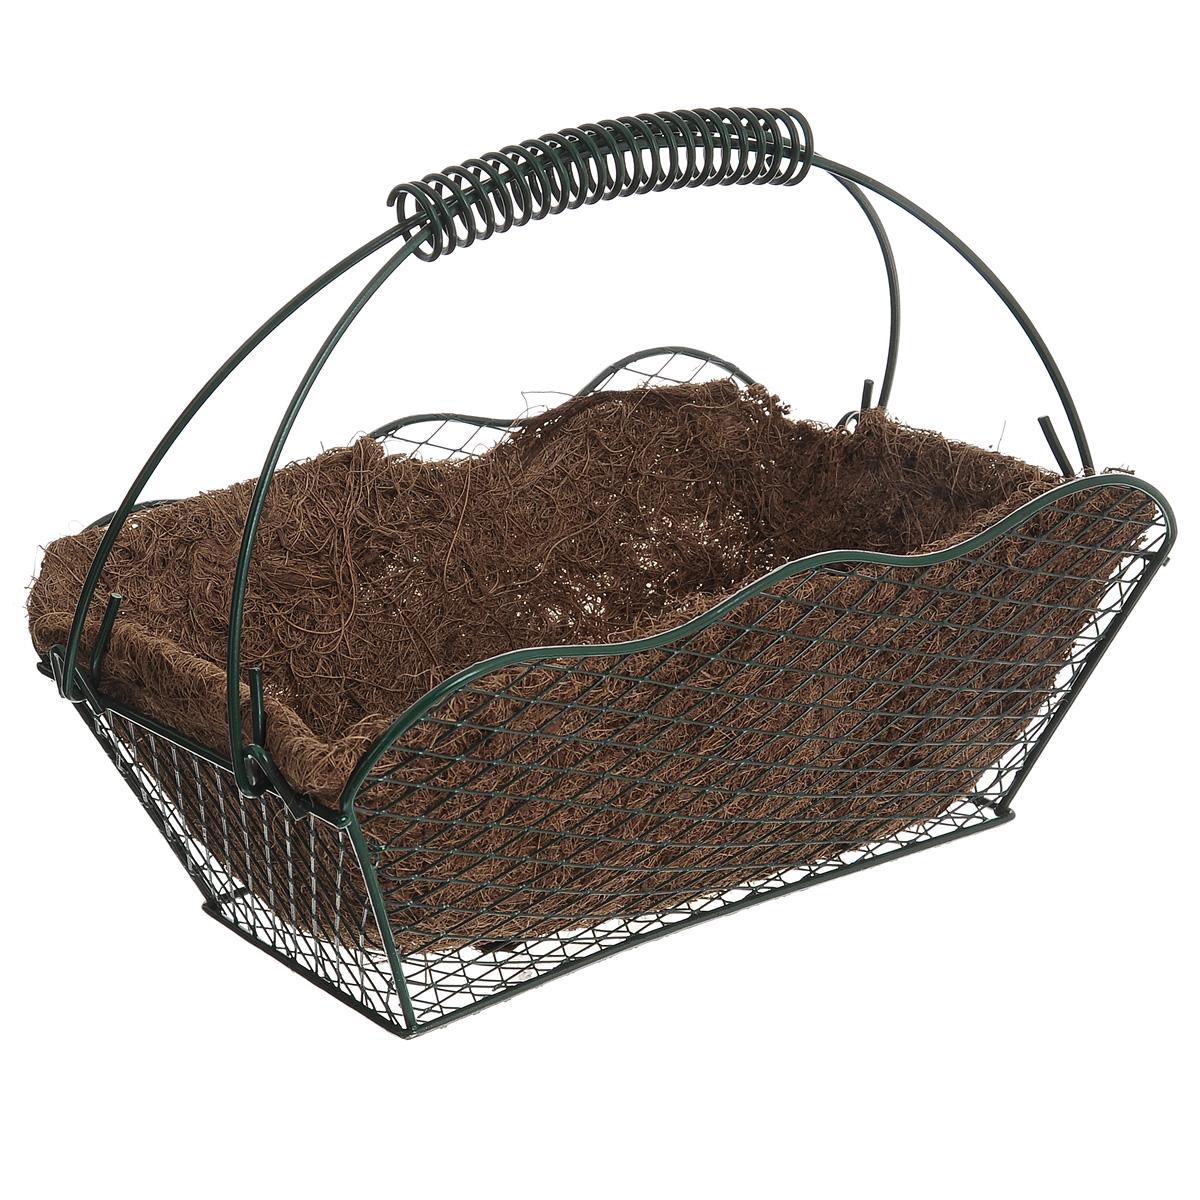 Корзина Greenell, с вкладышем, 27 х 16,5 х 20 смCLP446Корзина Greenell изготовлена из стали, оснащена вкладышем из кокосового волокна. Корзина предназначена для выращивания цветов и других декоративных растений.В ней хорошо будут расти любые цветы: кокосовое волокно является идеальным субстратом для растений.Кокосовое волокно способствует сохранению в почве питательных веществ и сохранению комфортного для растений уровня влажности.